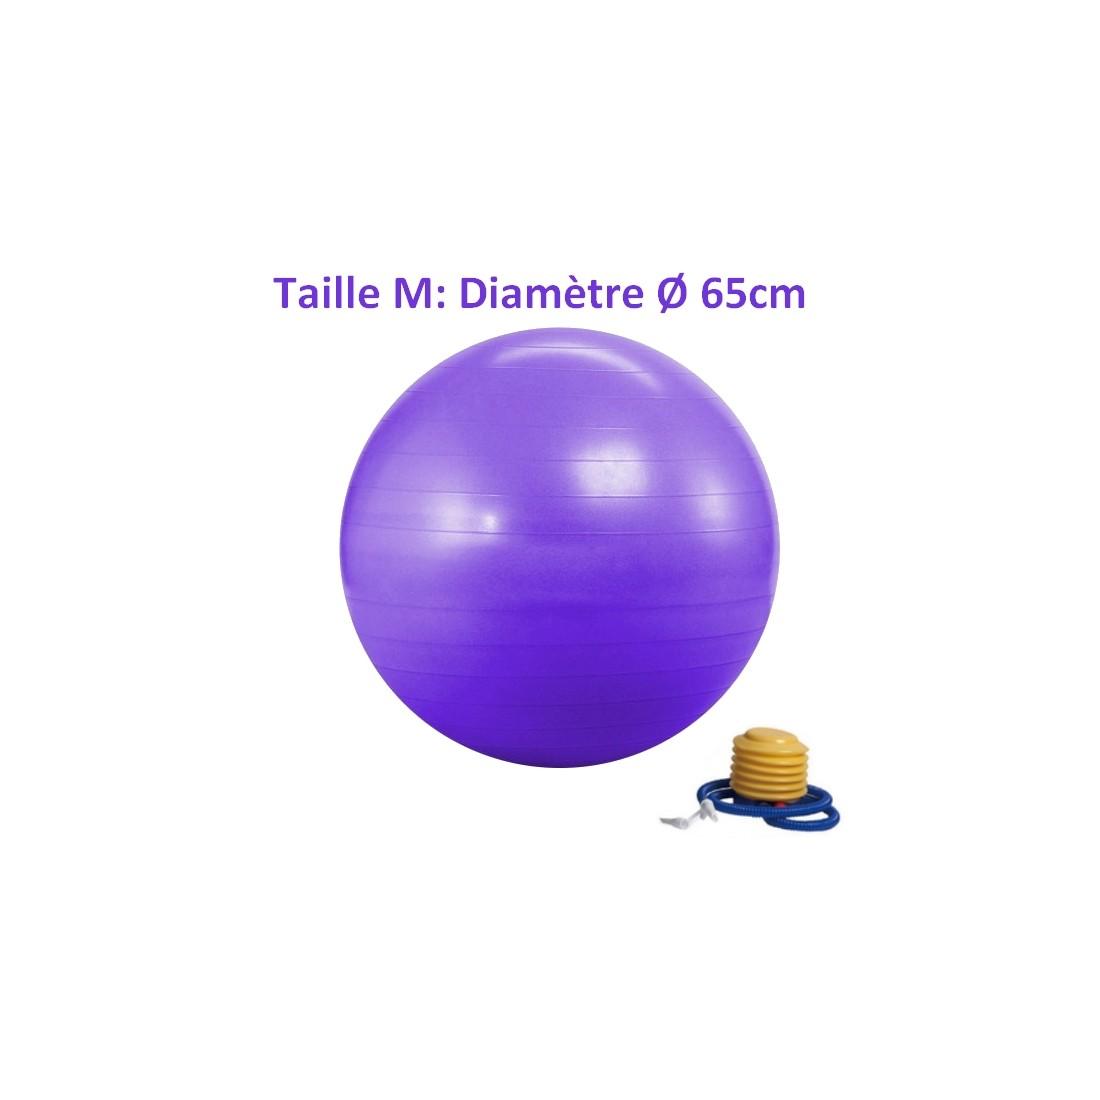 ballon de yoga / fitness taille m 65 cm